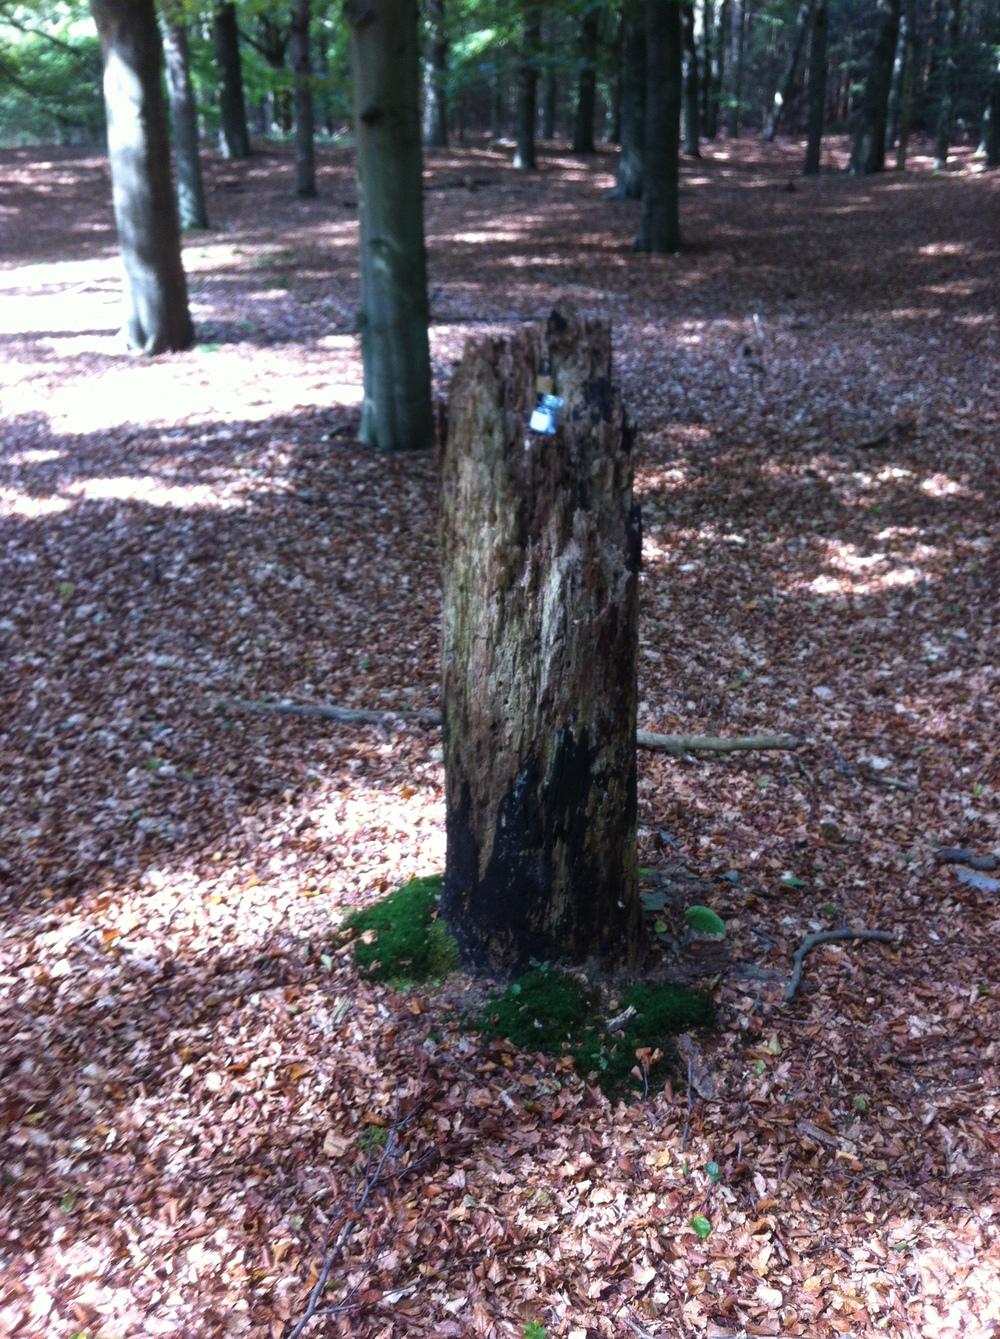 Avontuurlijk ingesteld? De bossen bieden een mooi speelveld voor spannende maar leerzame spelen.